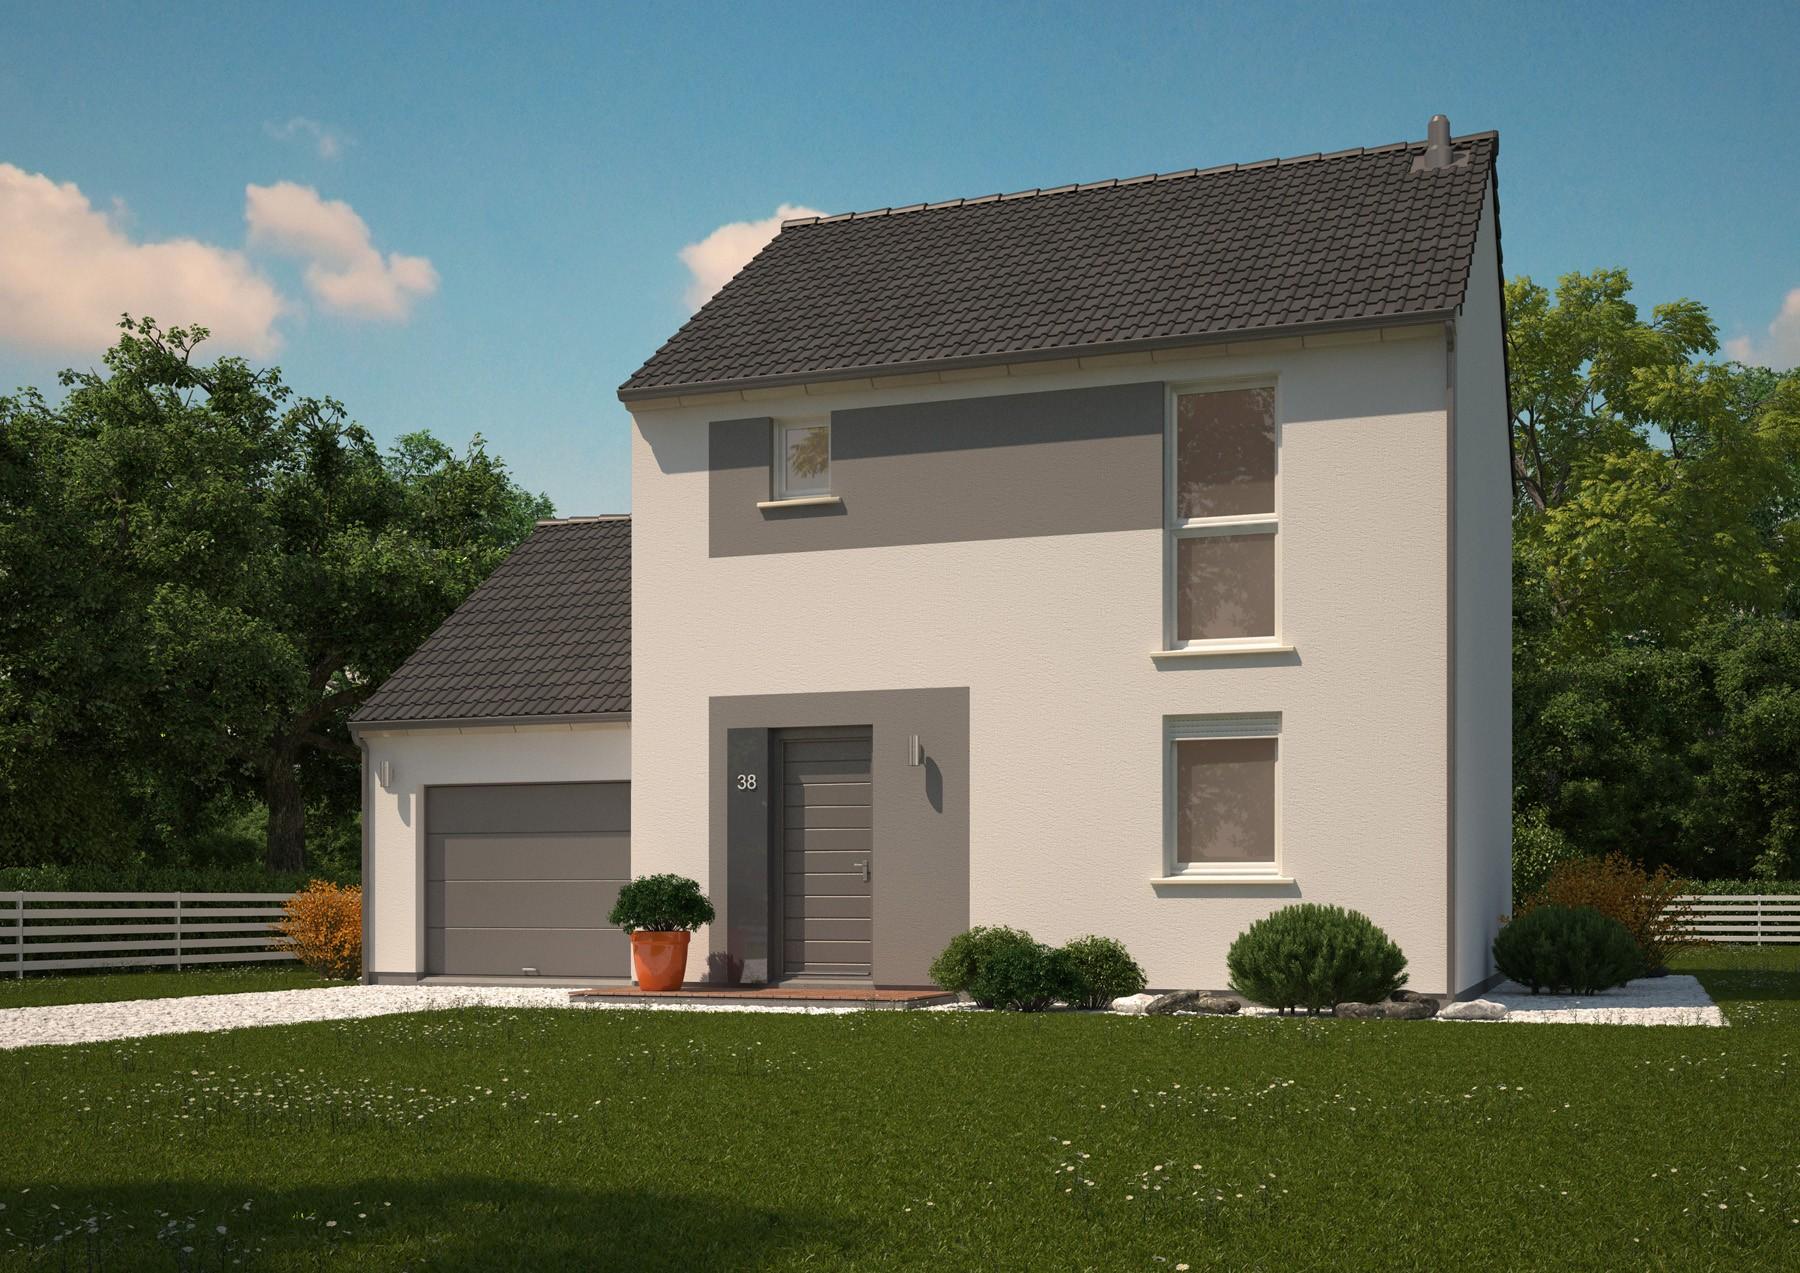 Maisons + Terrains du constructeur MAISONS PHENIX LEZENNES • 90 m² • BERSEE